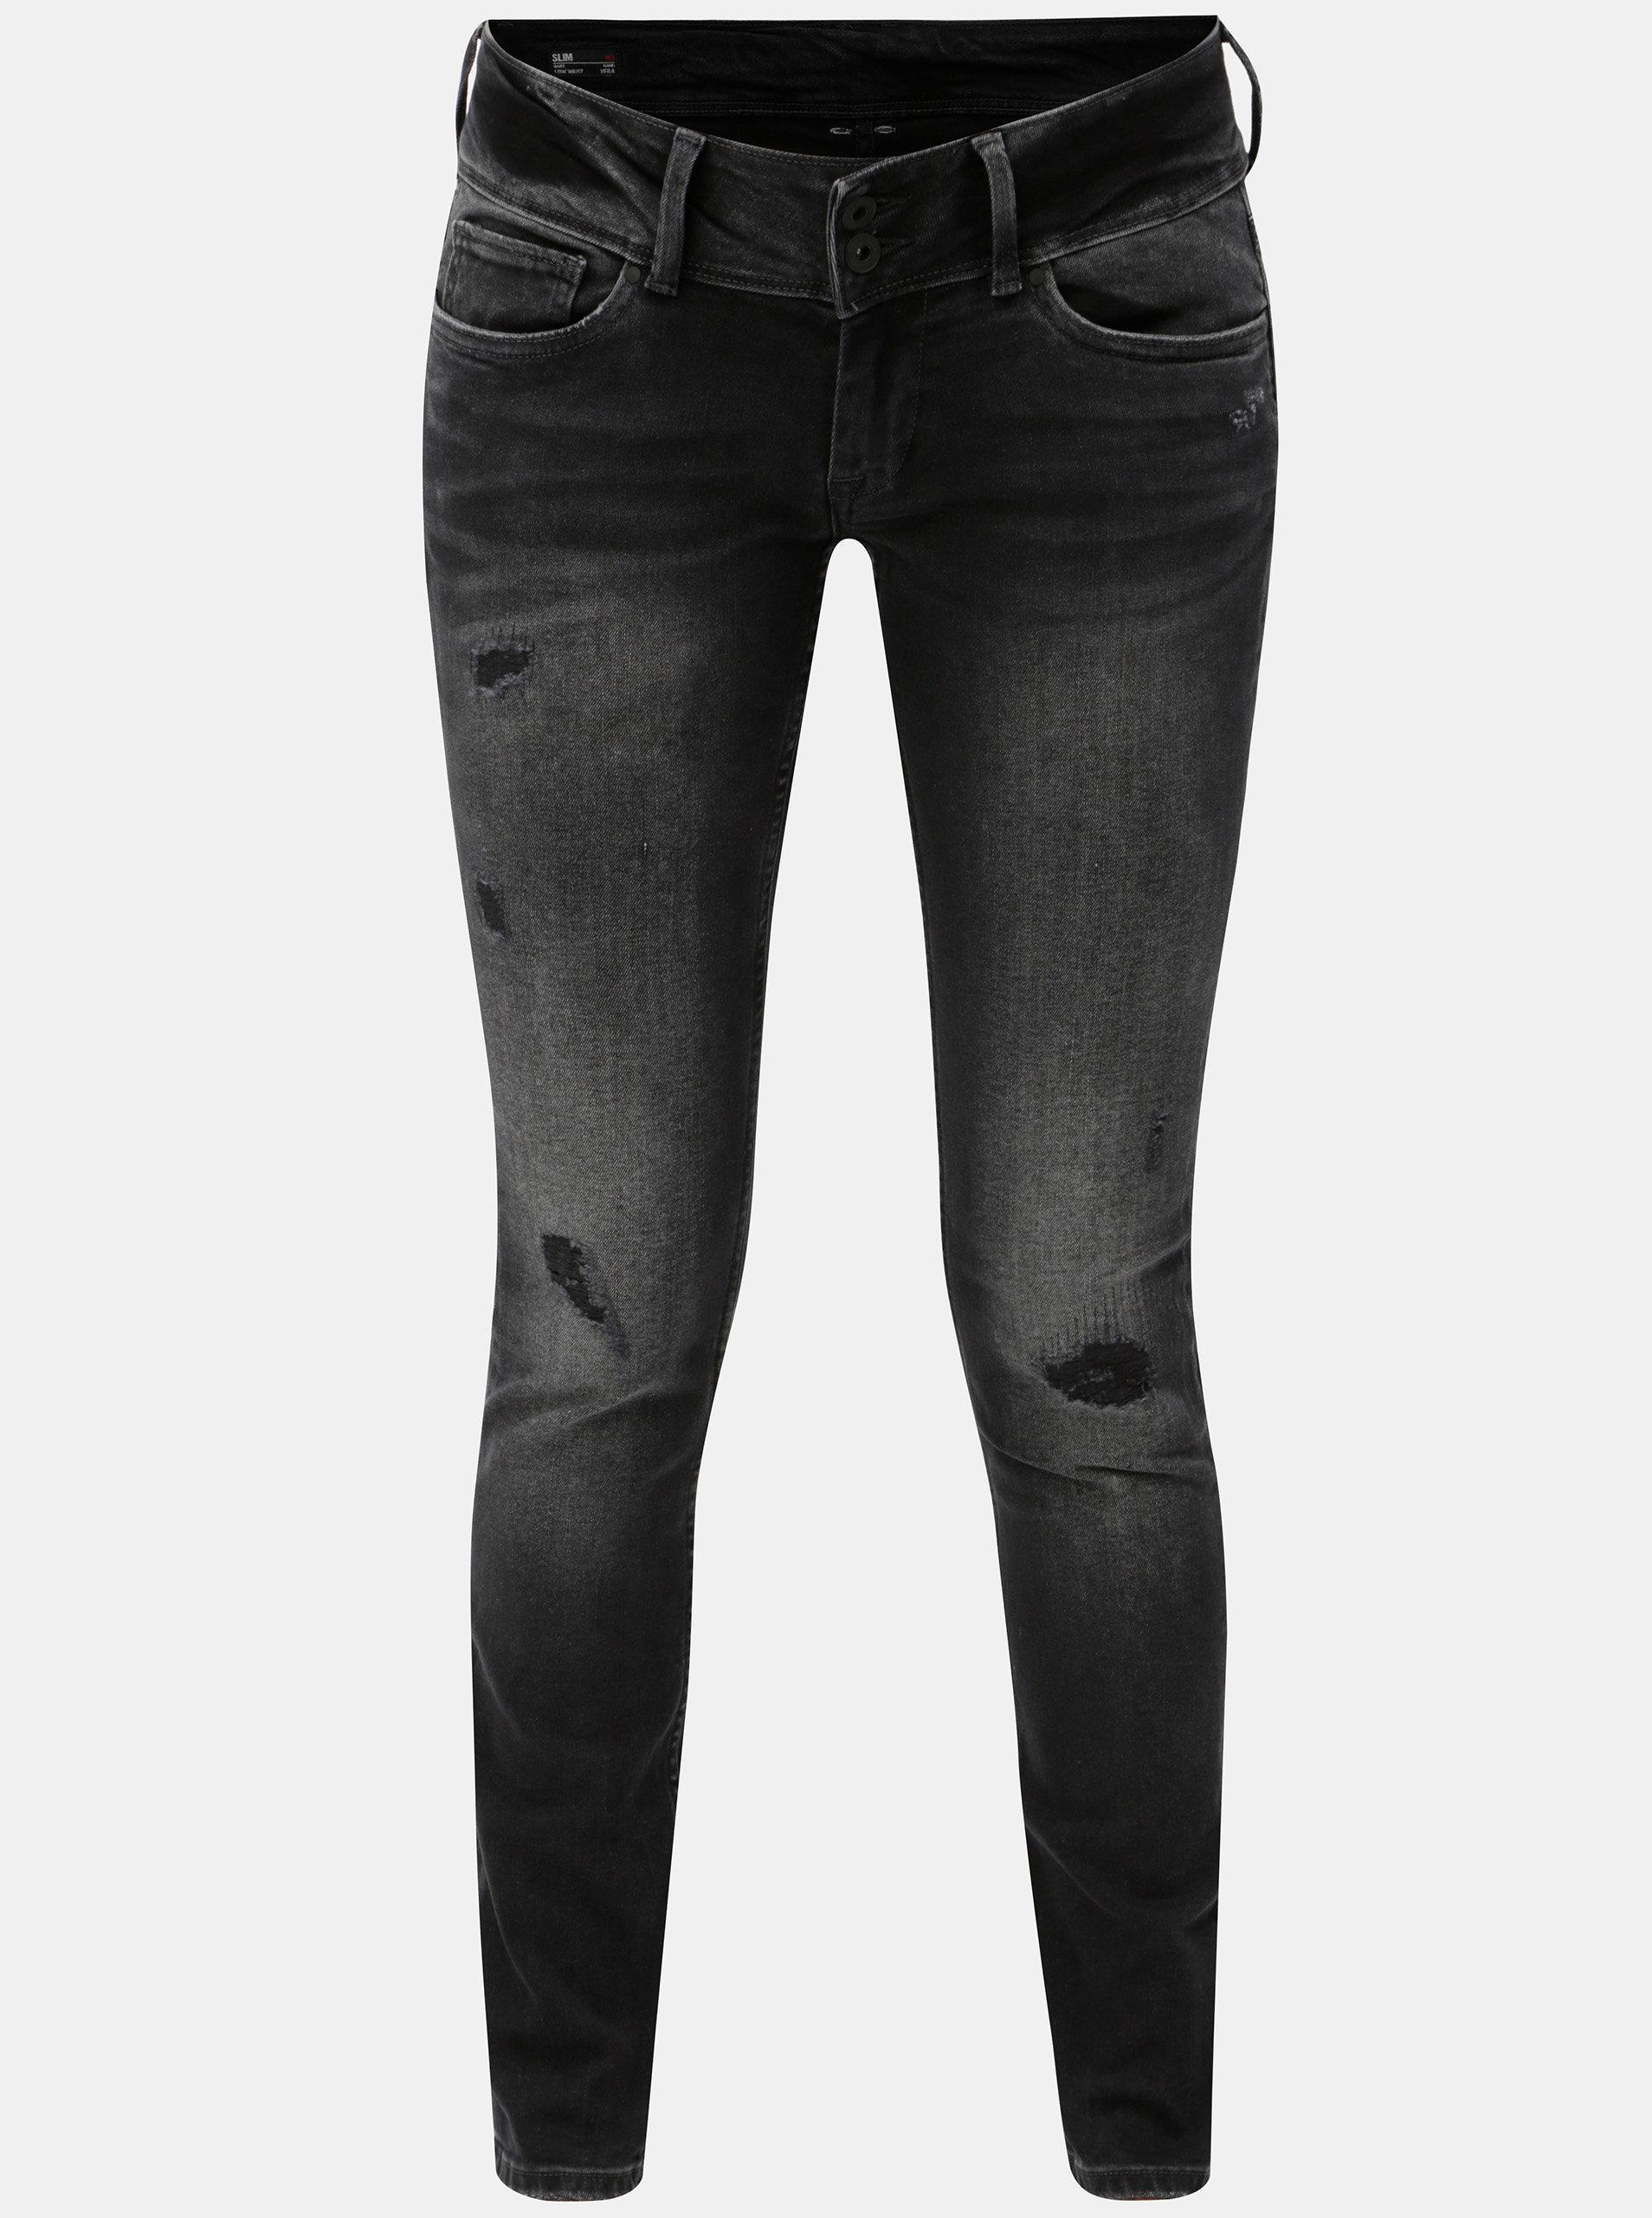 e744d9b541c Černé dámské slim džíny s potrhaným efektem Pepe Jeans Vera ...